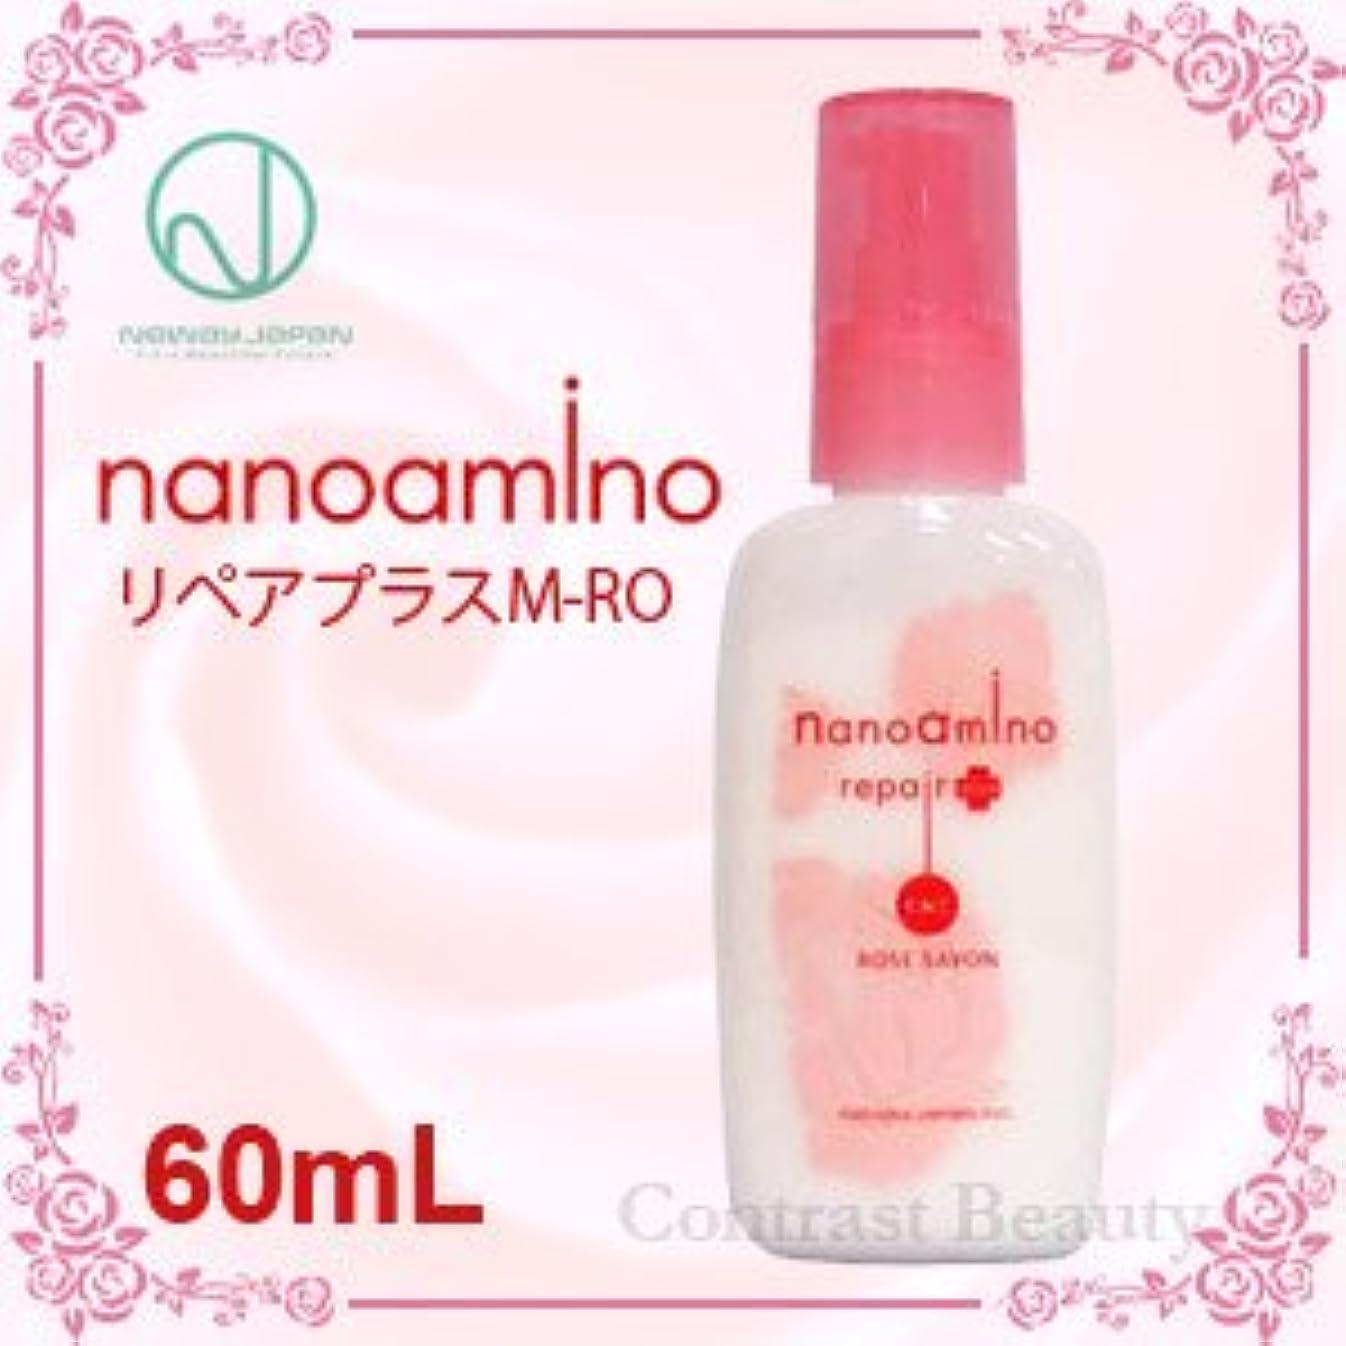 好意リーガン異議【X2個セット】 ニューウェイジャパン ナノアミノ リペアプラスM-RO 60ml